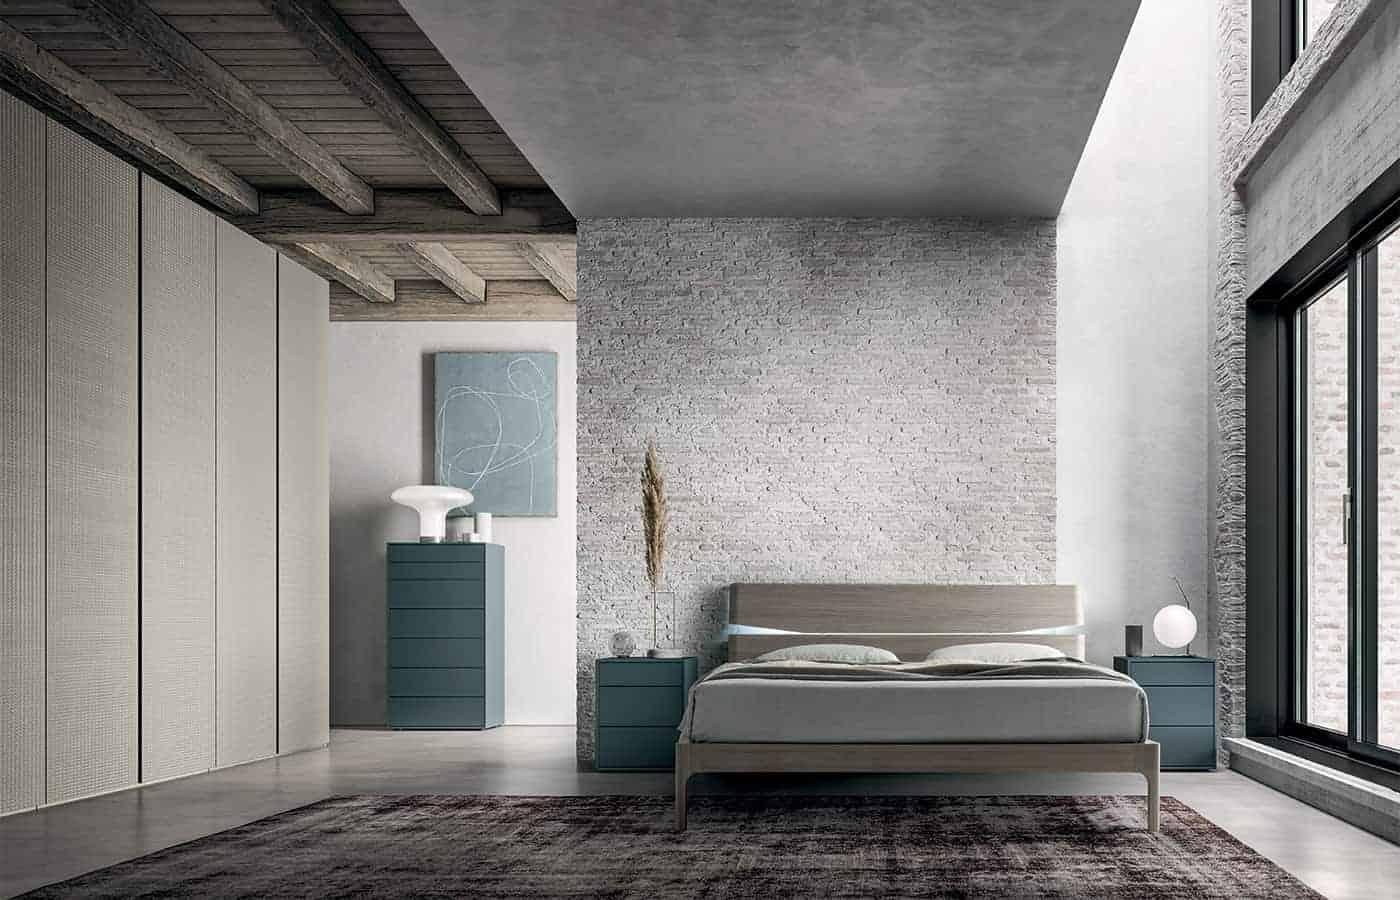 zona-notte-gruppo-letto-collezione-panama-il-mobile (3)